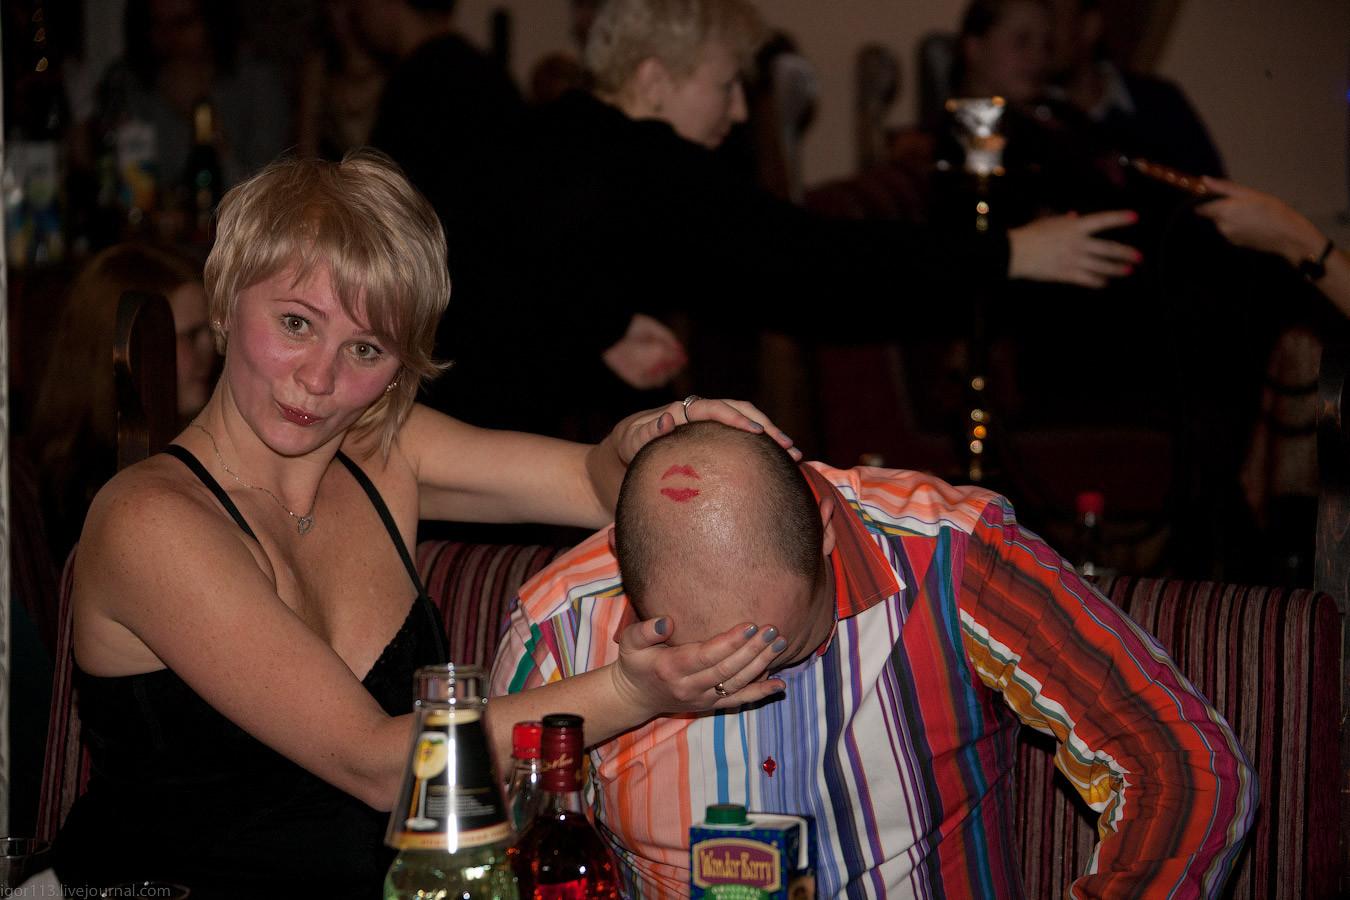 Пьяные тетки дают во все, Порно пьяных зрелых женщин. Русское порно со зрелыми 24 фотография